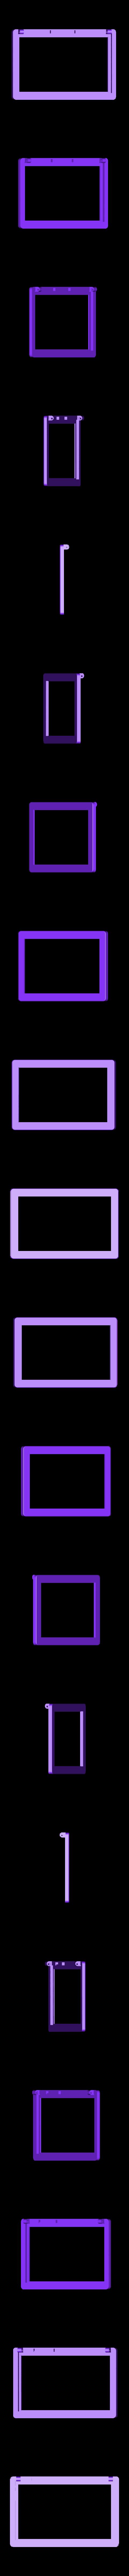 PiBookLid.stl Télécharger fichier STL gratuit PiBook alimenté sans fil • Plan imprimable en 3D, Qelorliss